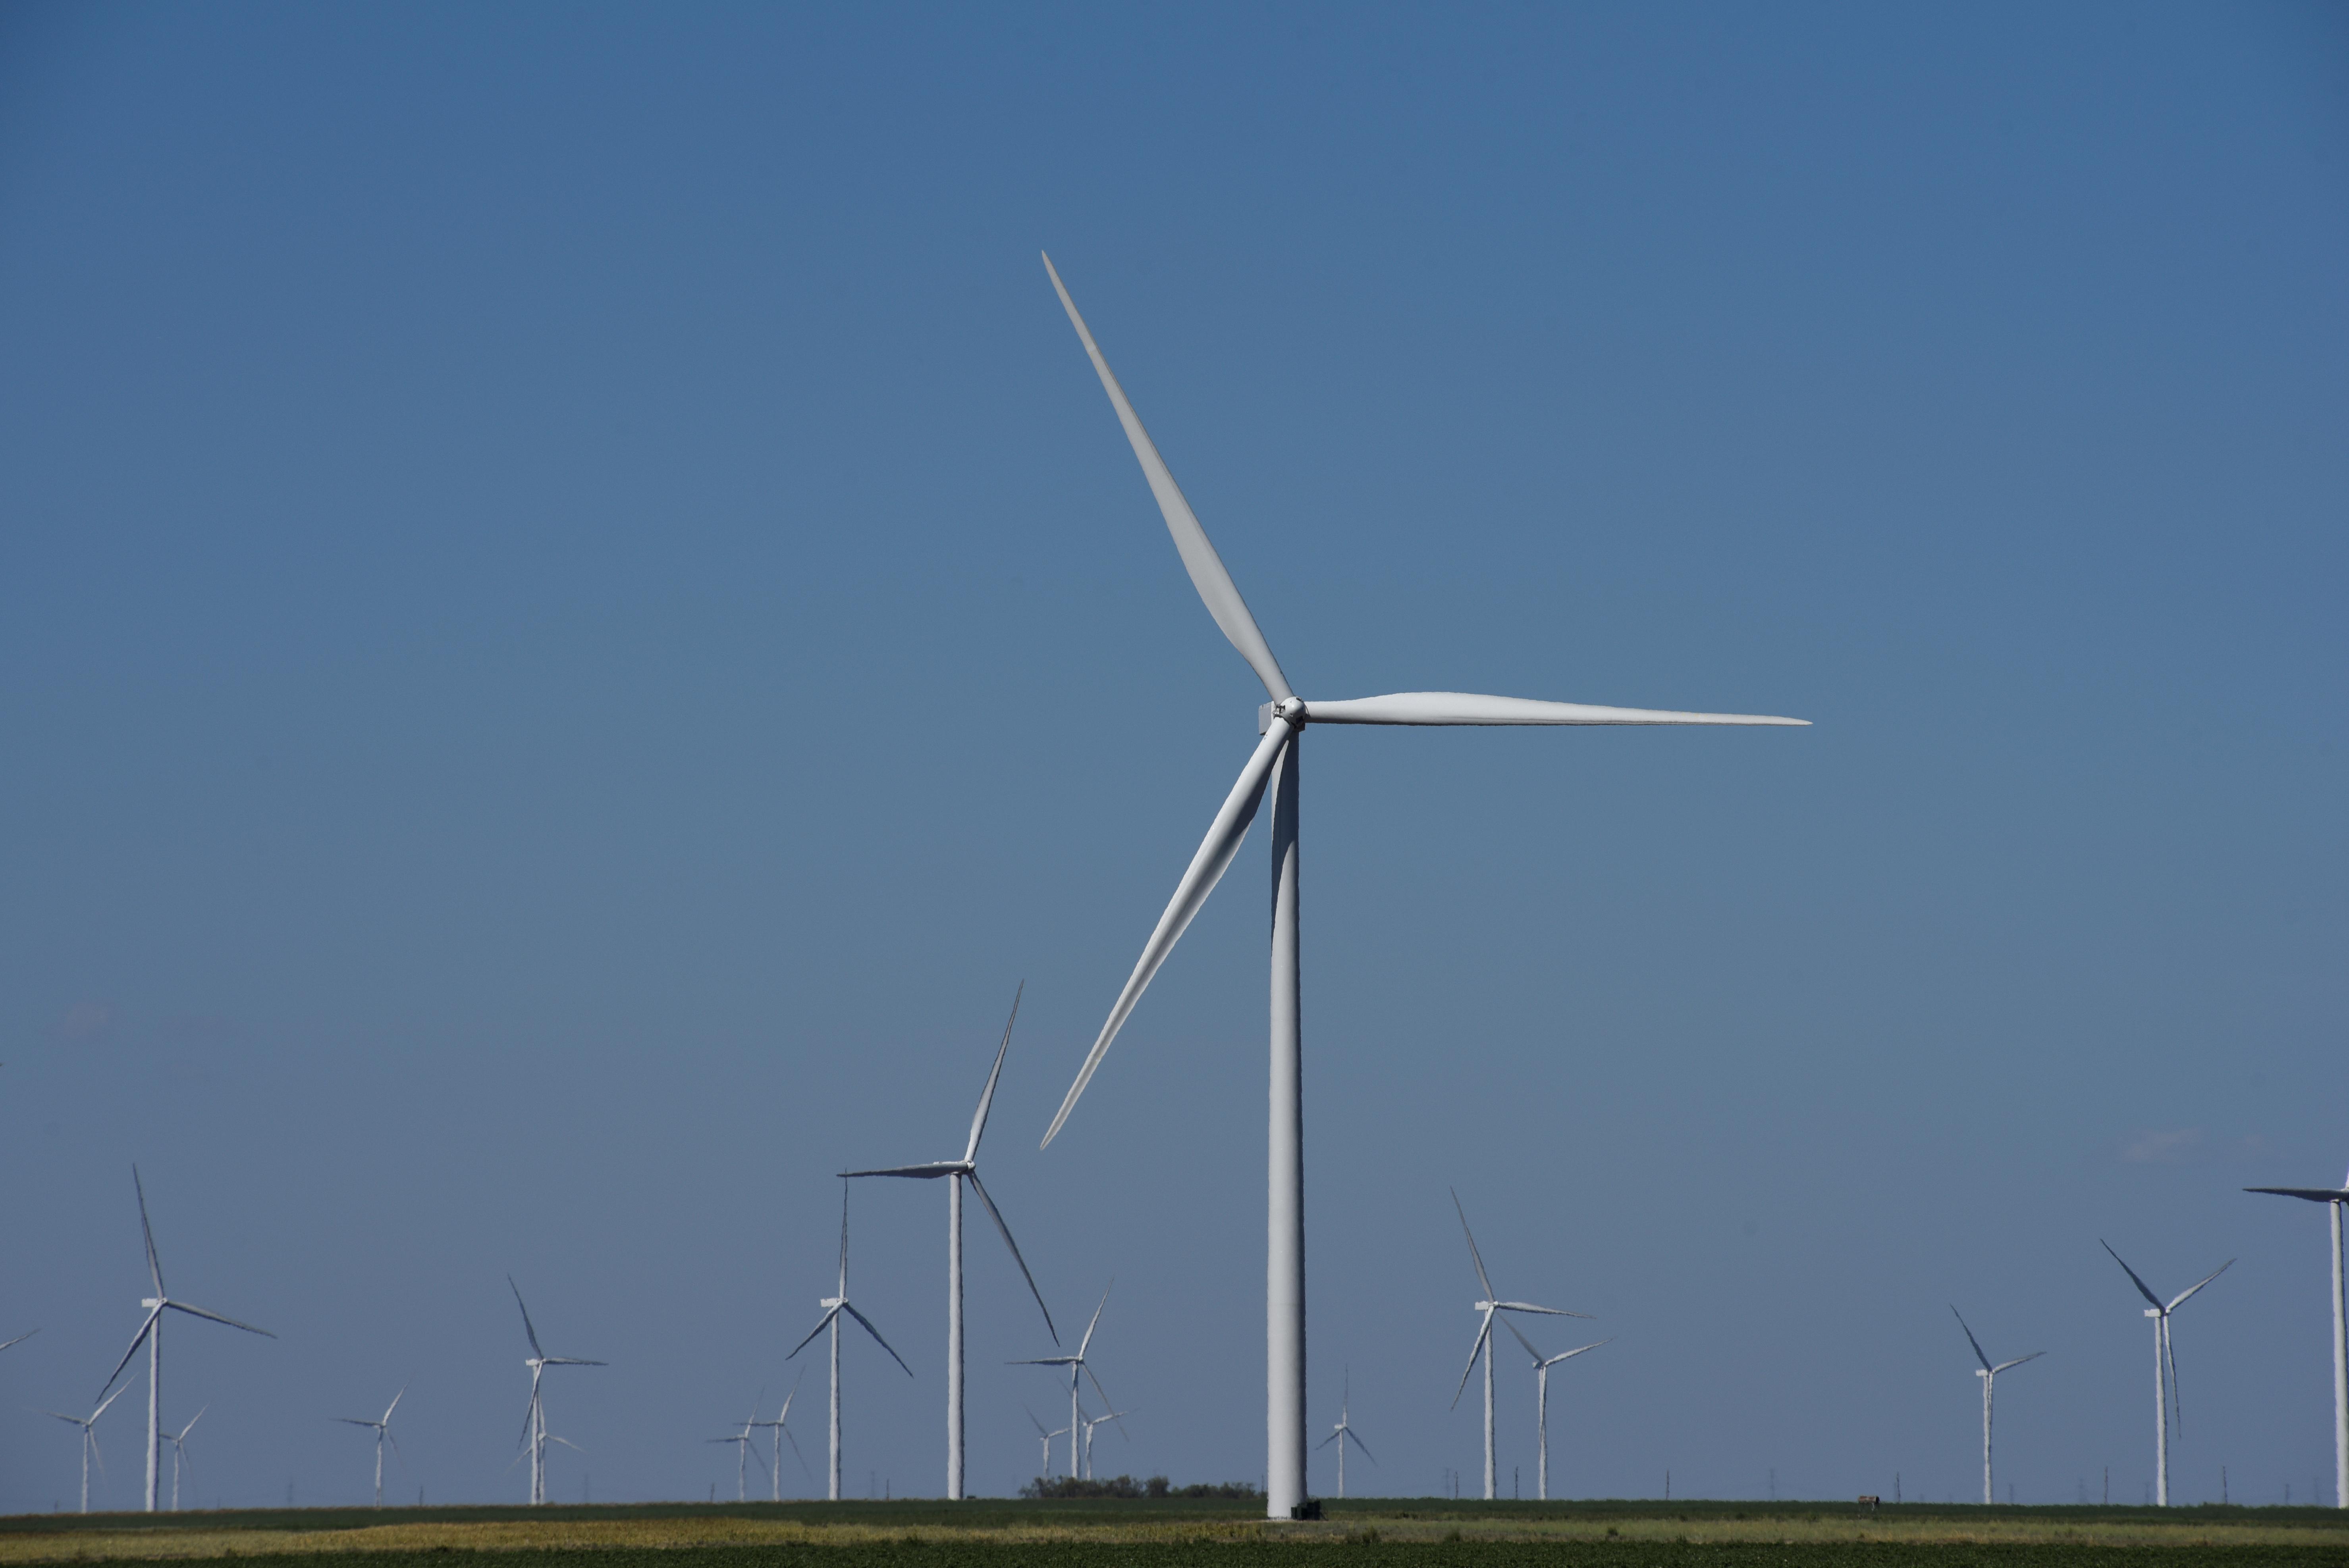 Wind turbines generate power on a farm near Throckmorton, Texas U.S. August 24, 2018. REUTERS/Nick Oxford